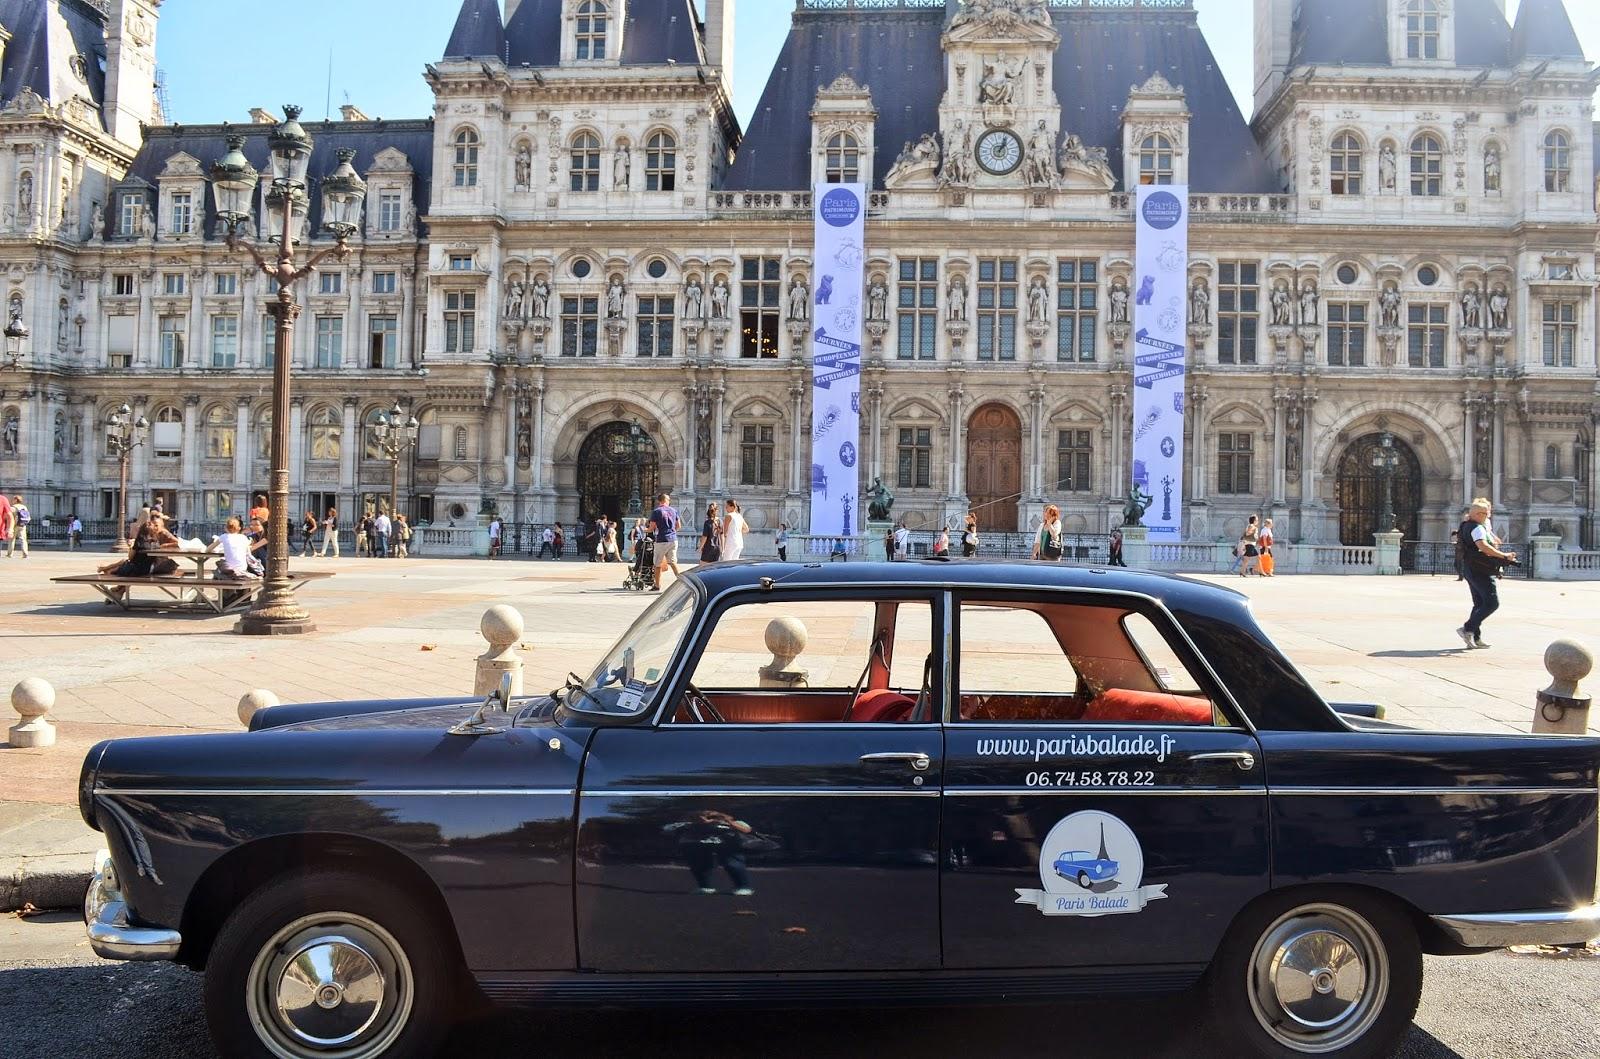 paris balade d couvrir paris en voiture de collection parisian touch. Black Bedroom Furniture Sets. Home Design Ideas